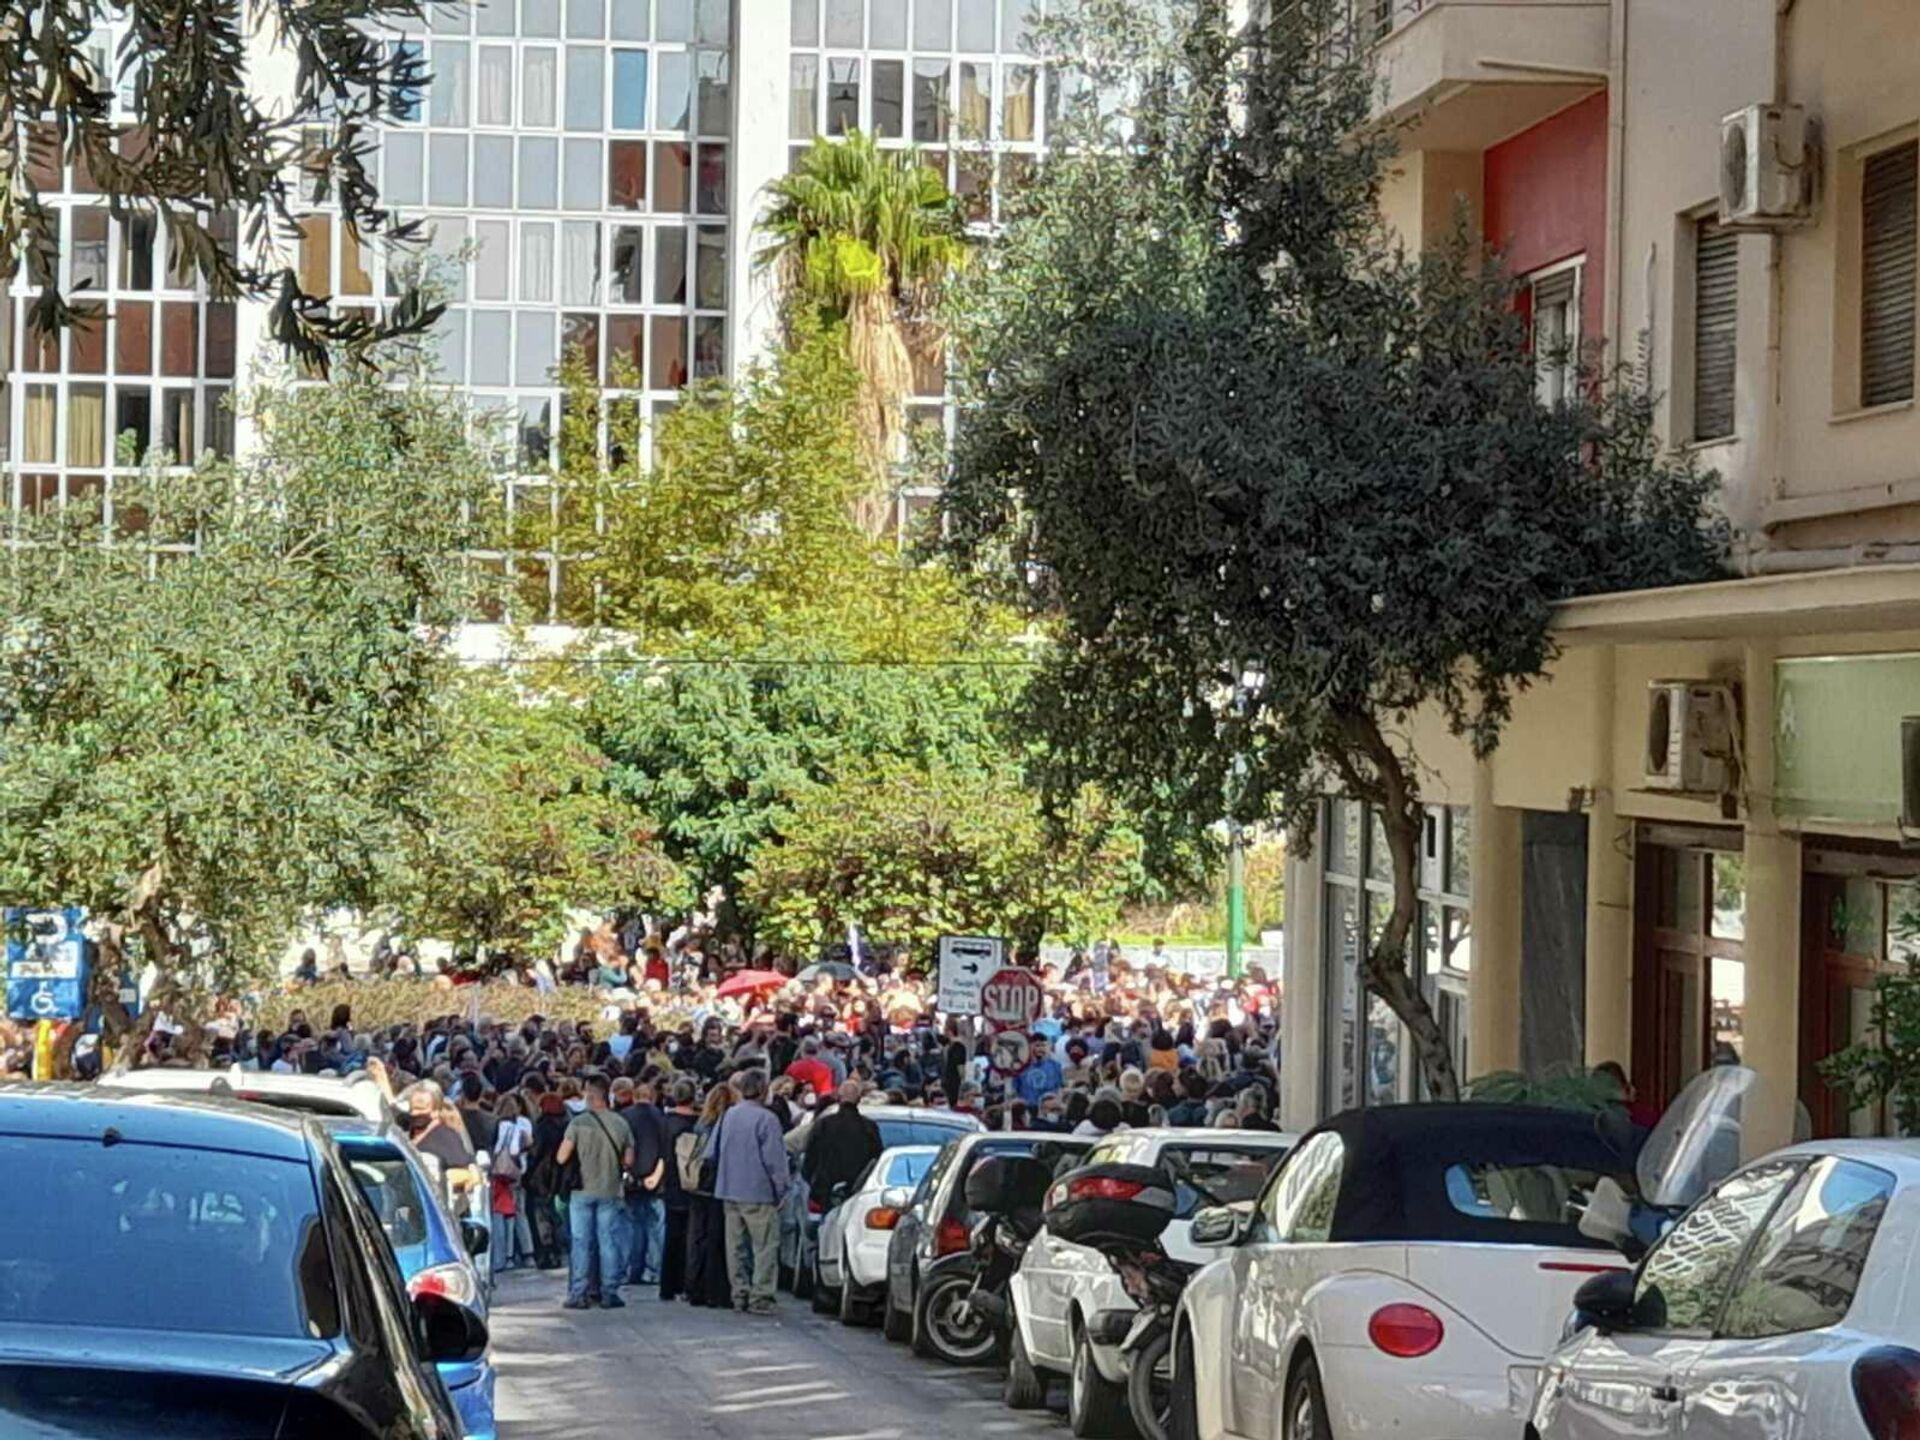 Διαμαρτυρία εκπαιδευτικών για την αξιολόγηση - Sputnik Ελλάδα, 1920, 11.10.2021